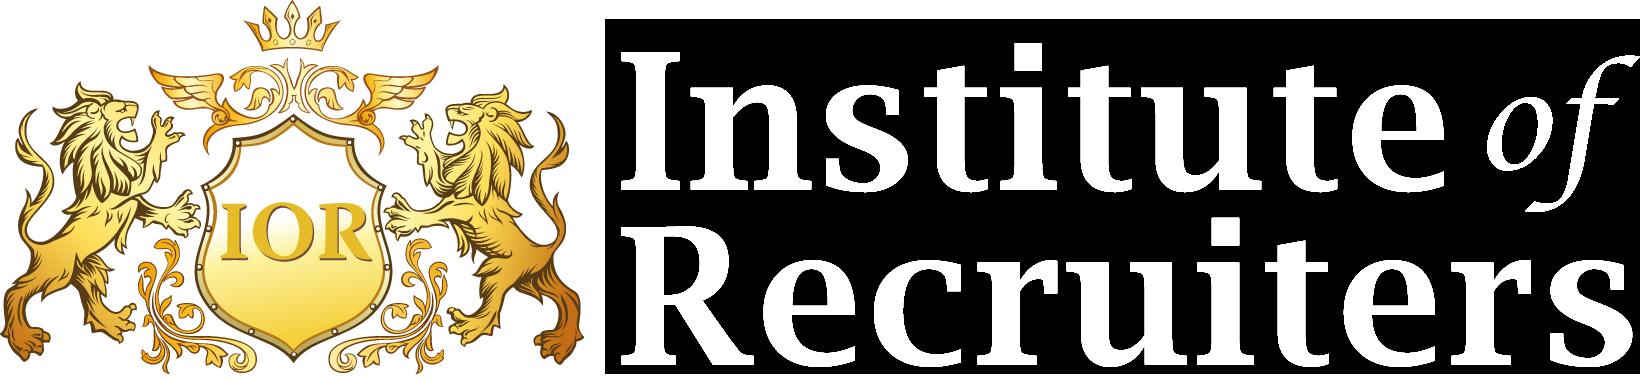 Institute of Recruiters logo